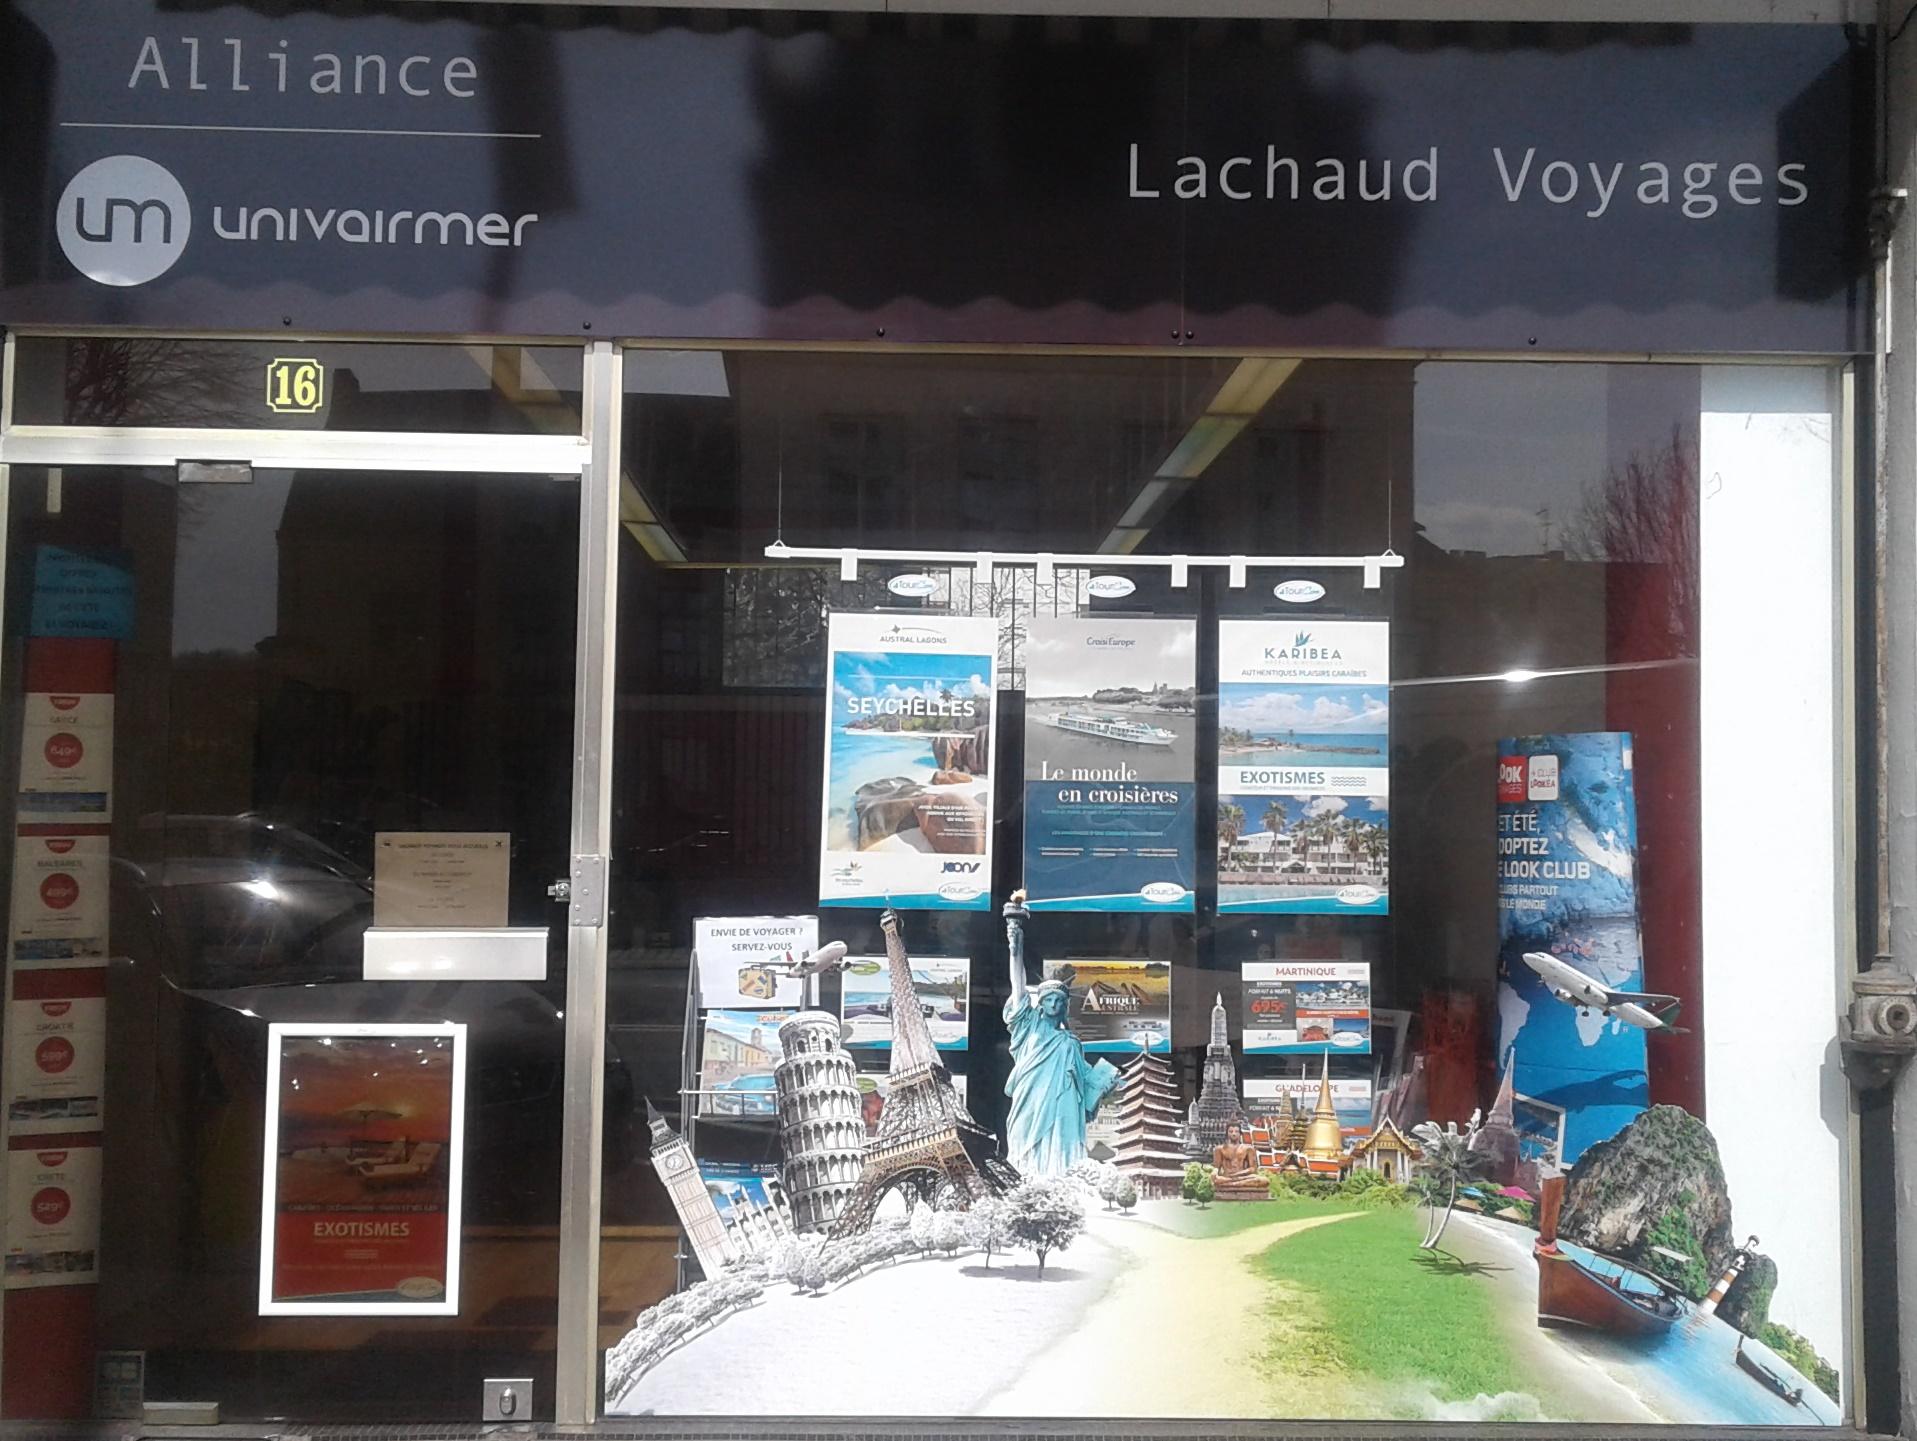 L'agence Lachaud Voyages à Périgueux a choisi l'enseigne Univairmer - Photo DR